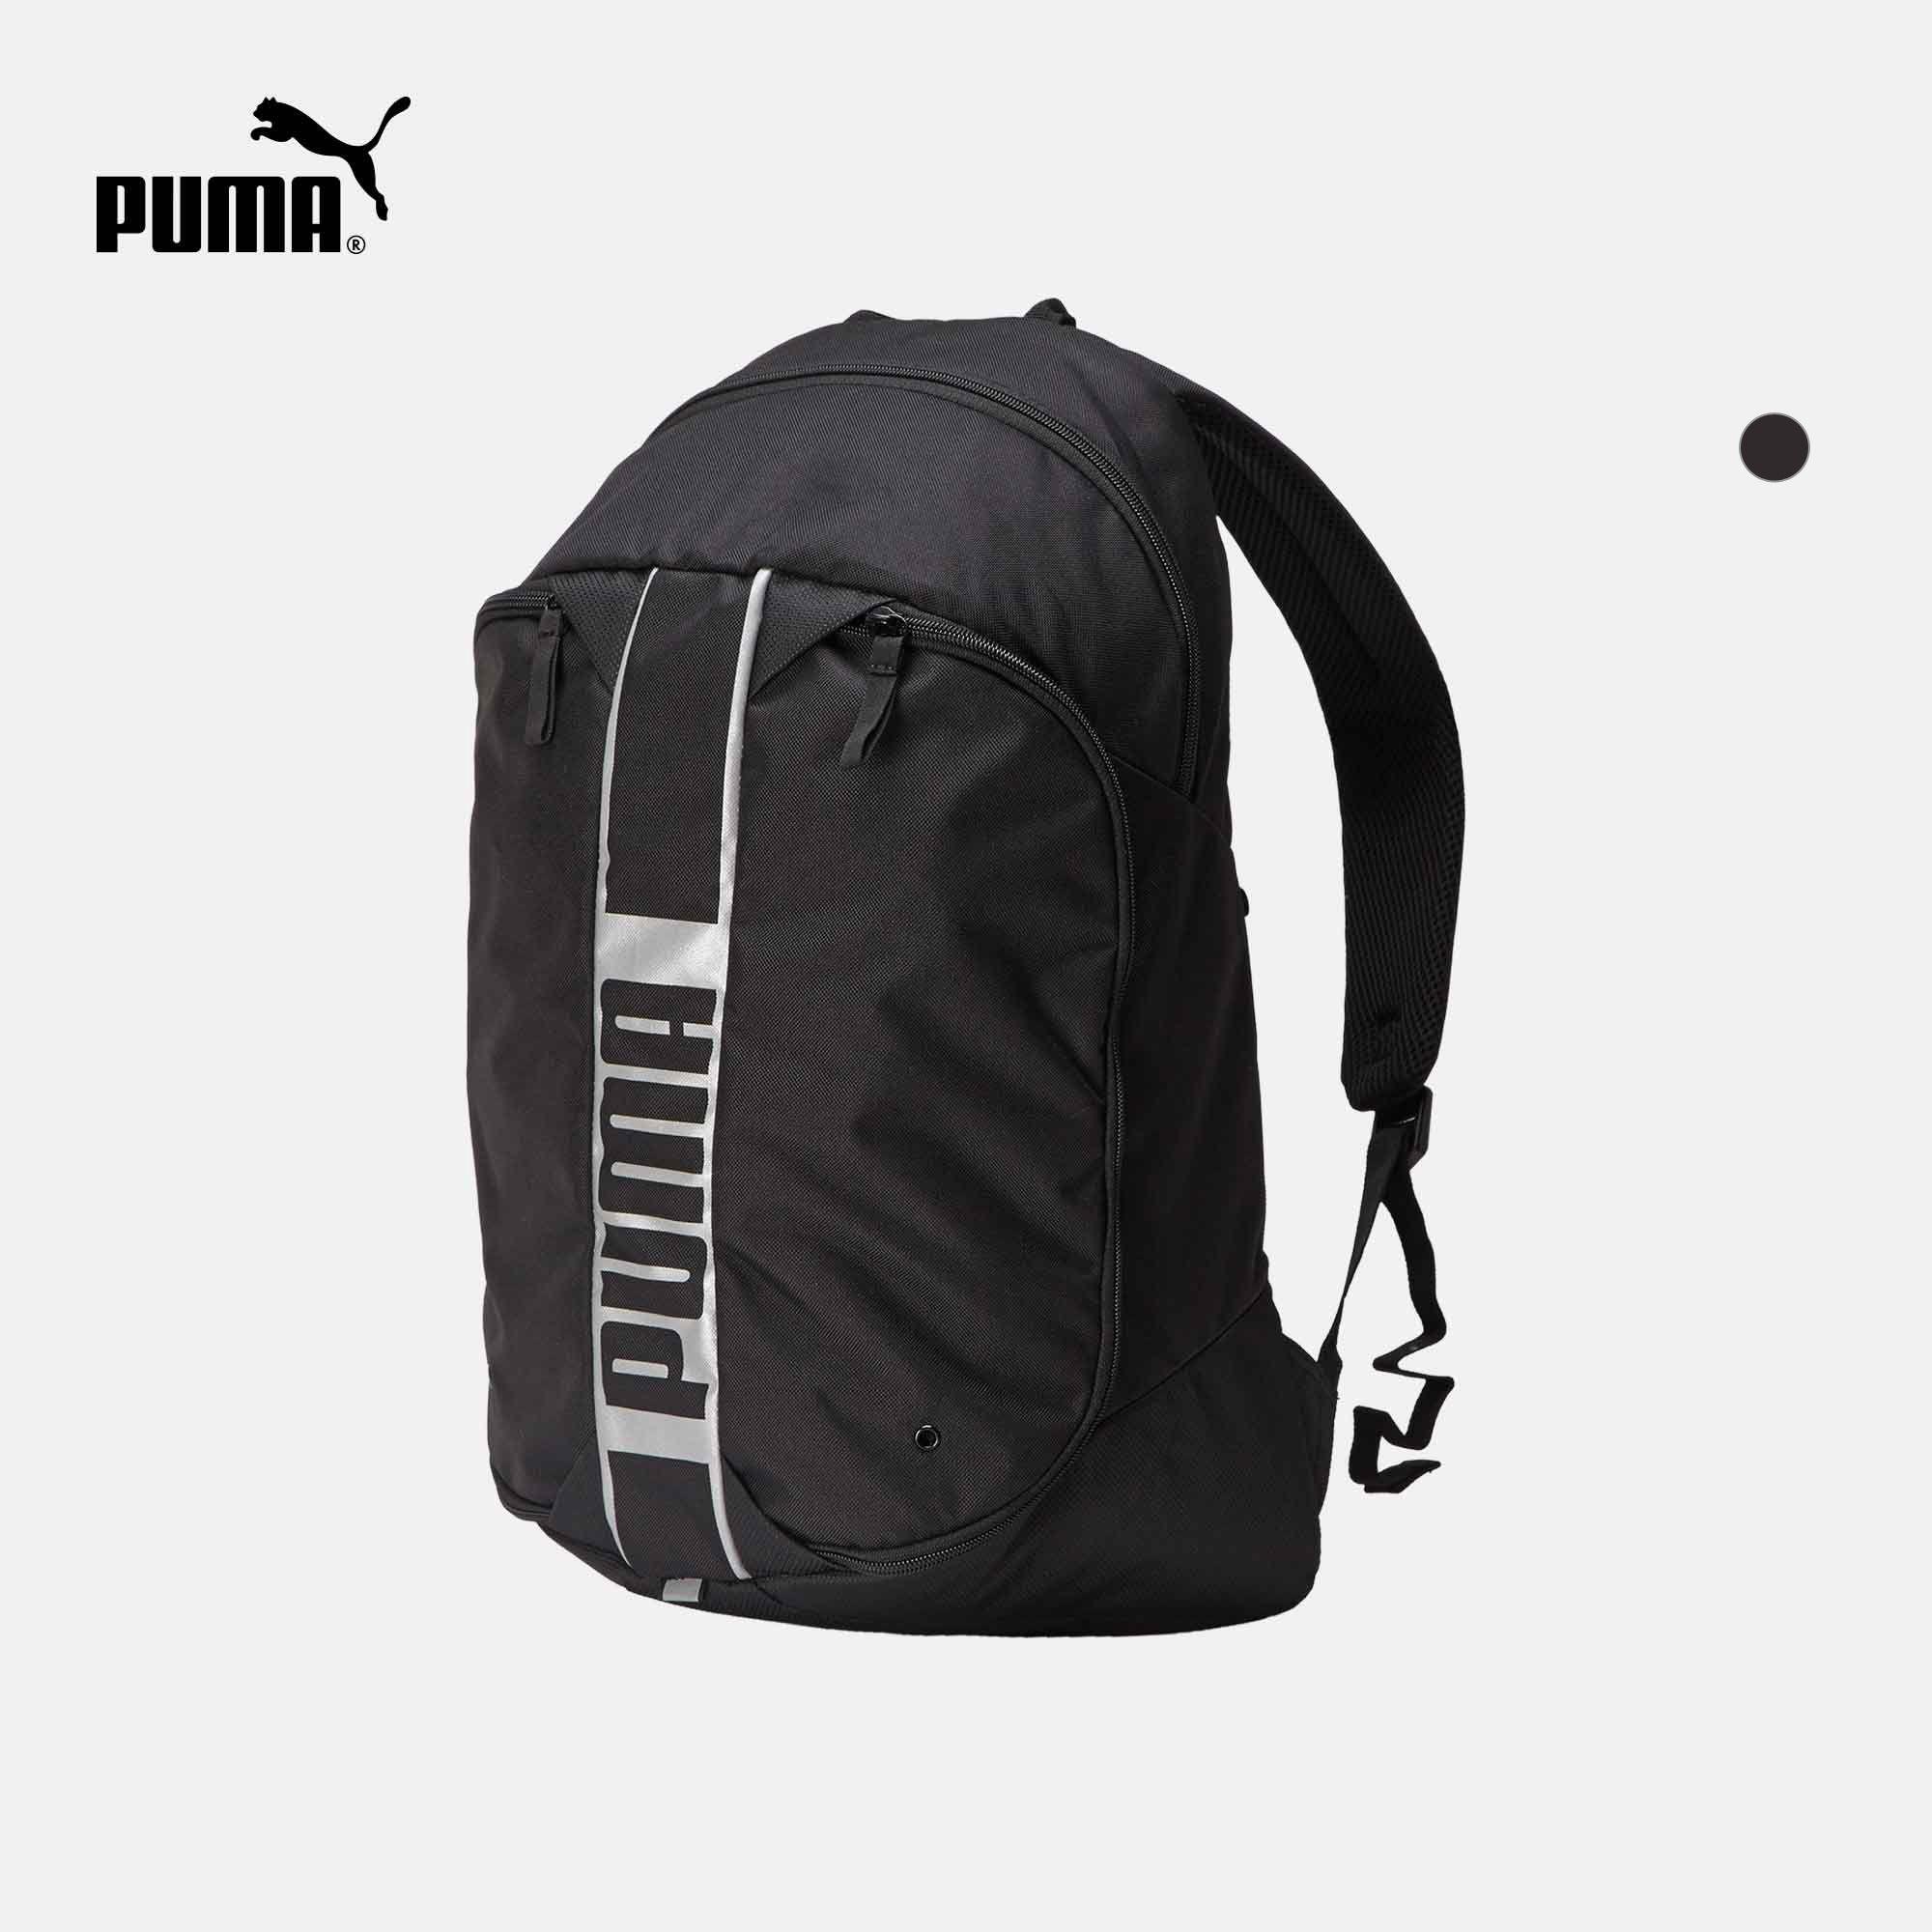 Mochila Puma Deck - preta  - Original